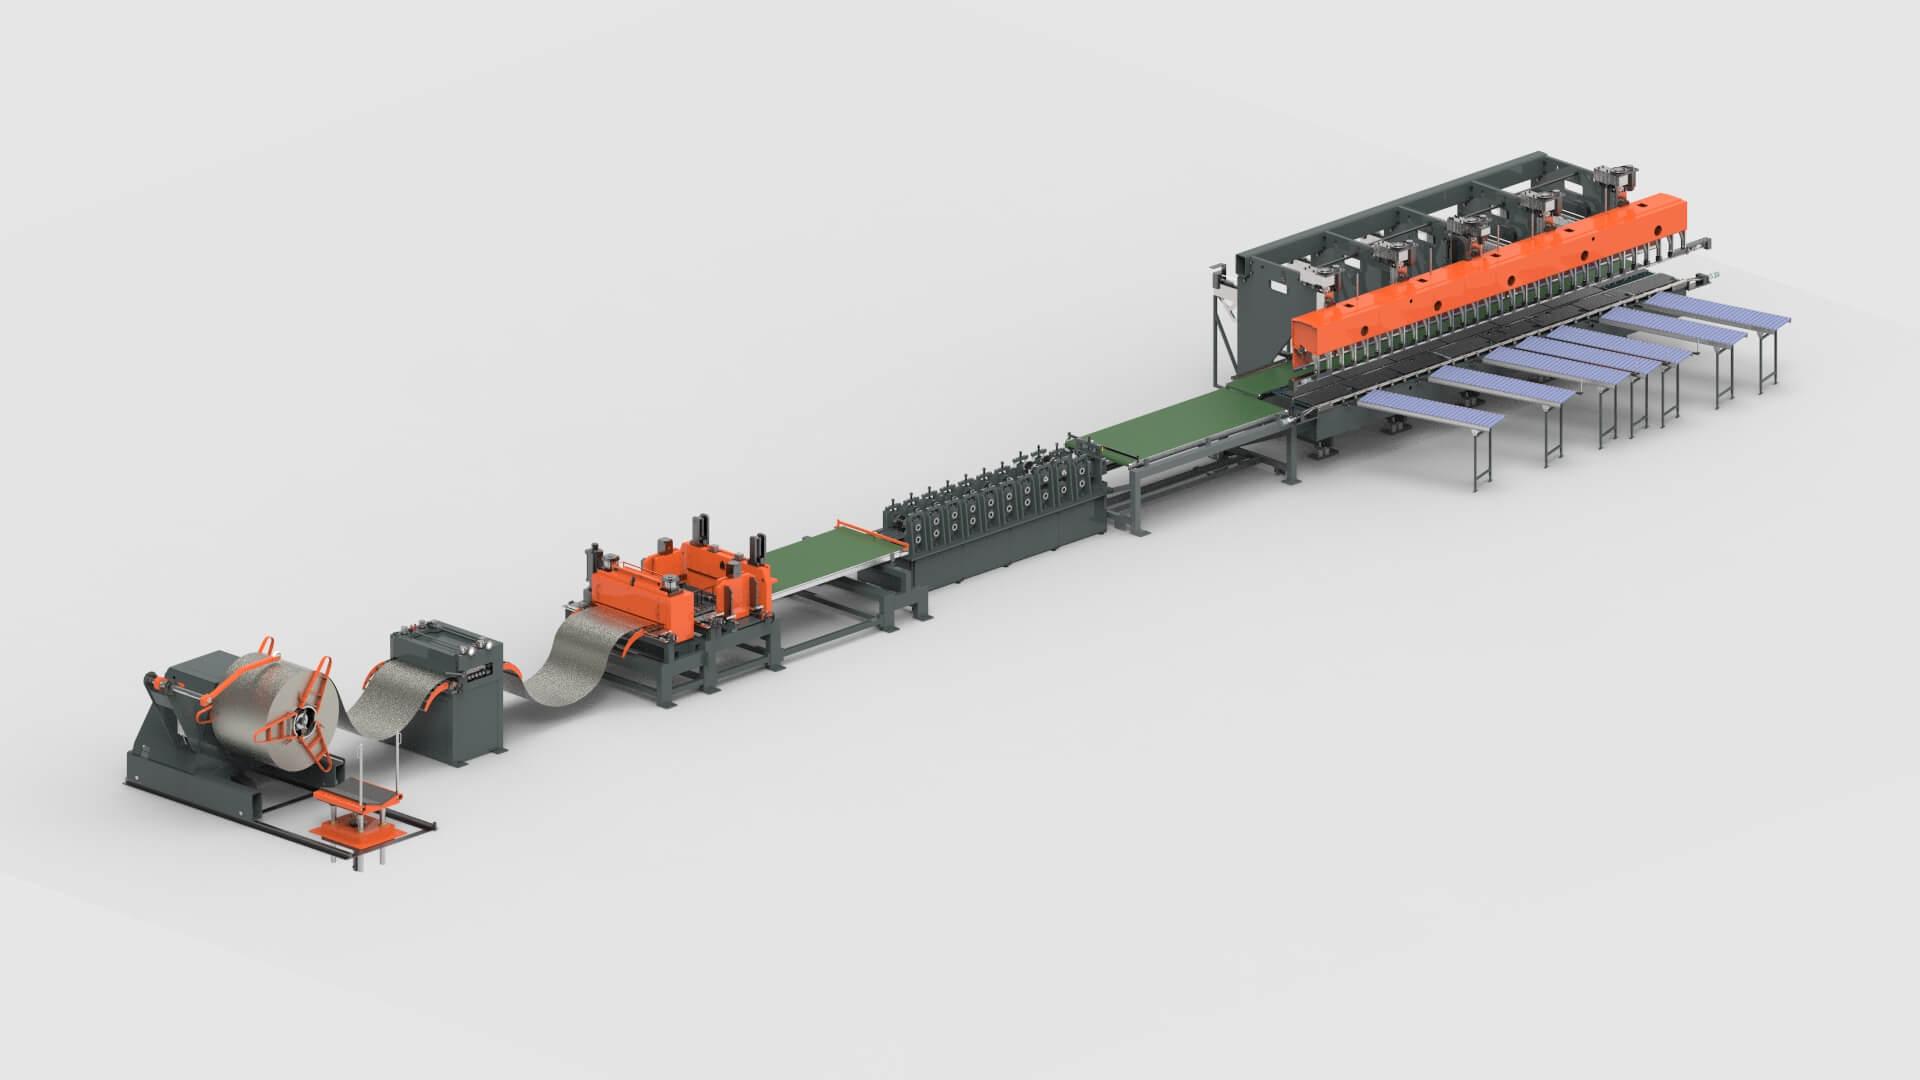 rollladenkaesten-blechbearbeitung-coil-profilieren-abkantpresse-produktionslinie.jpg